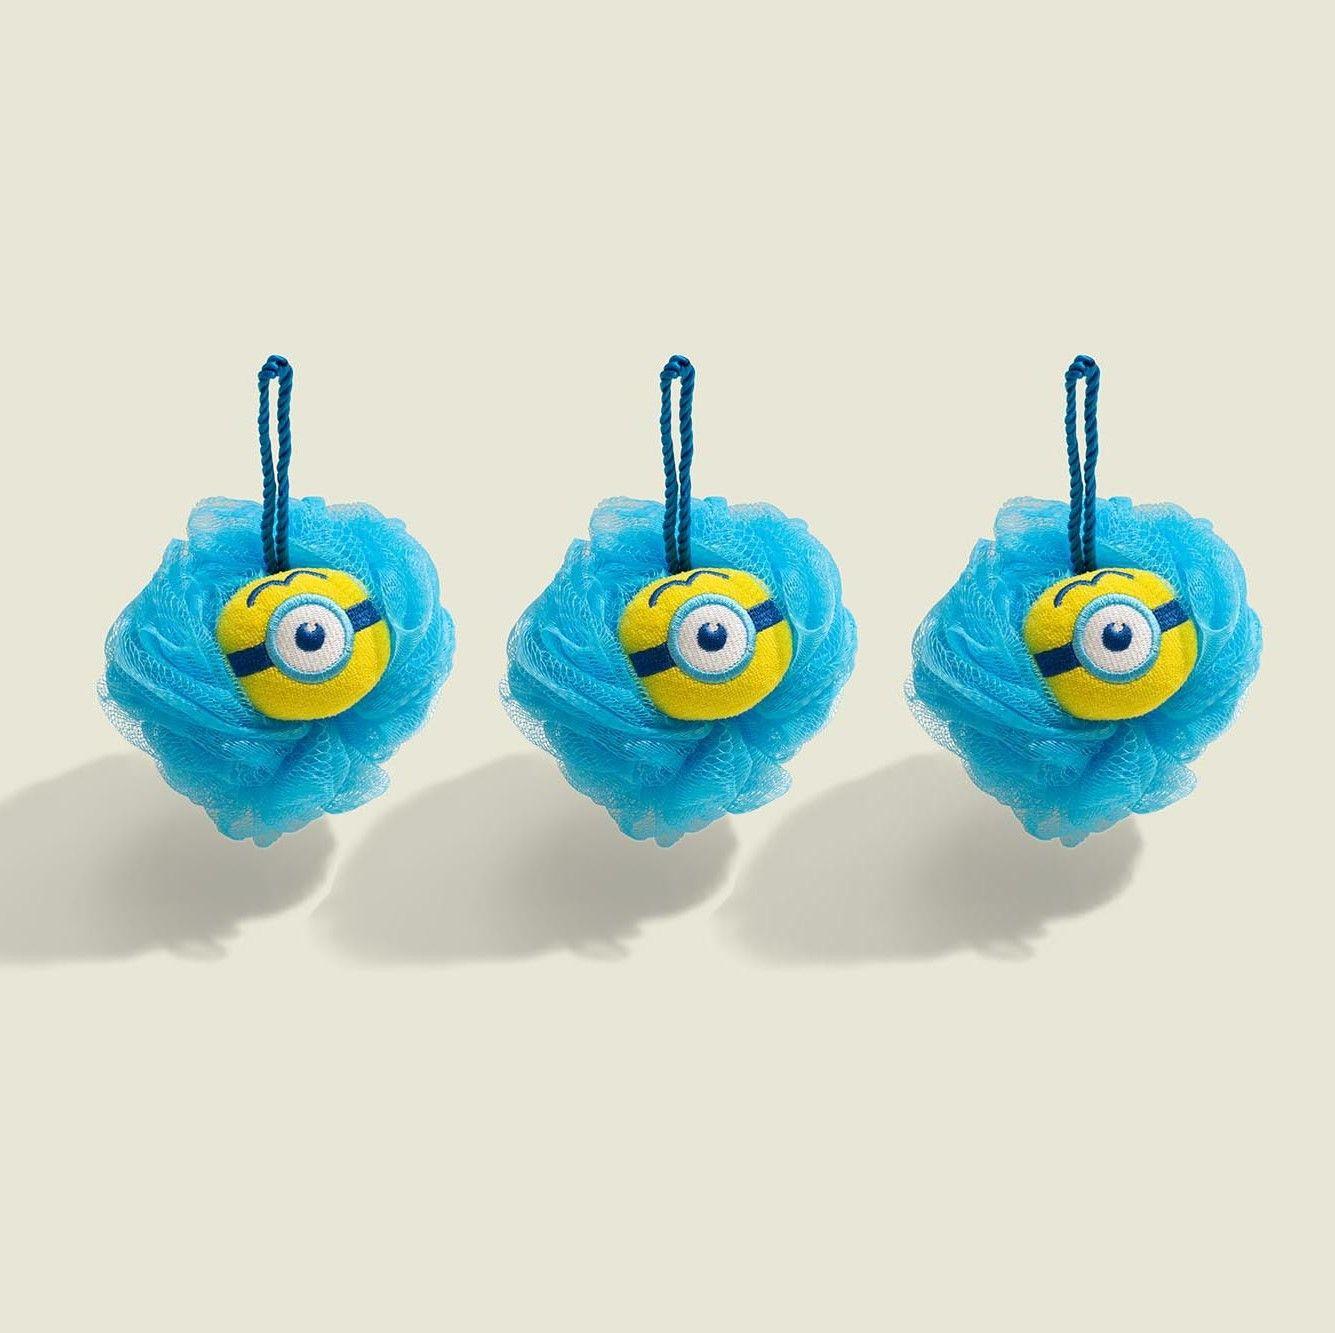 Set of shower sponges